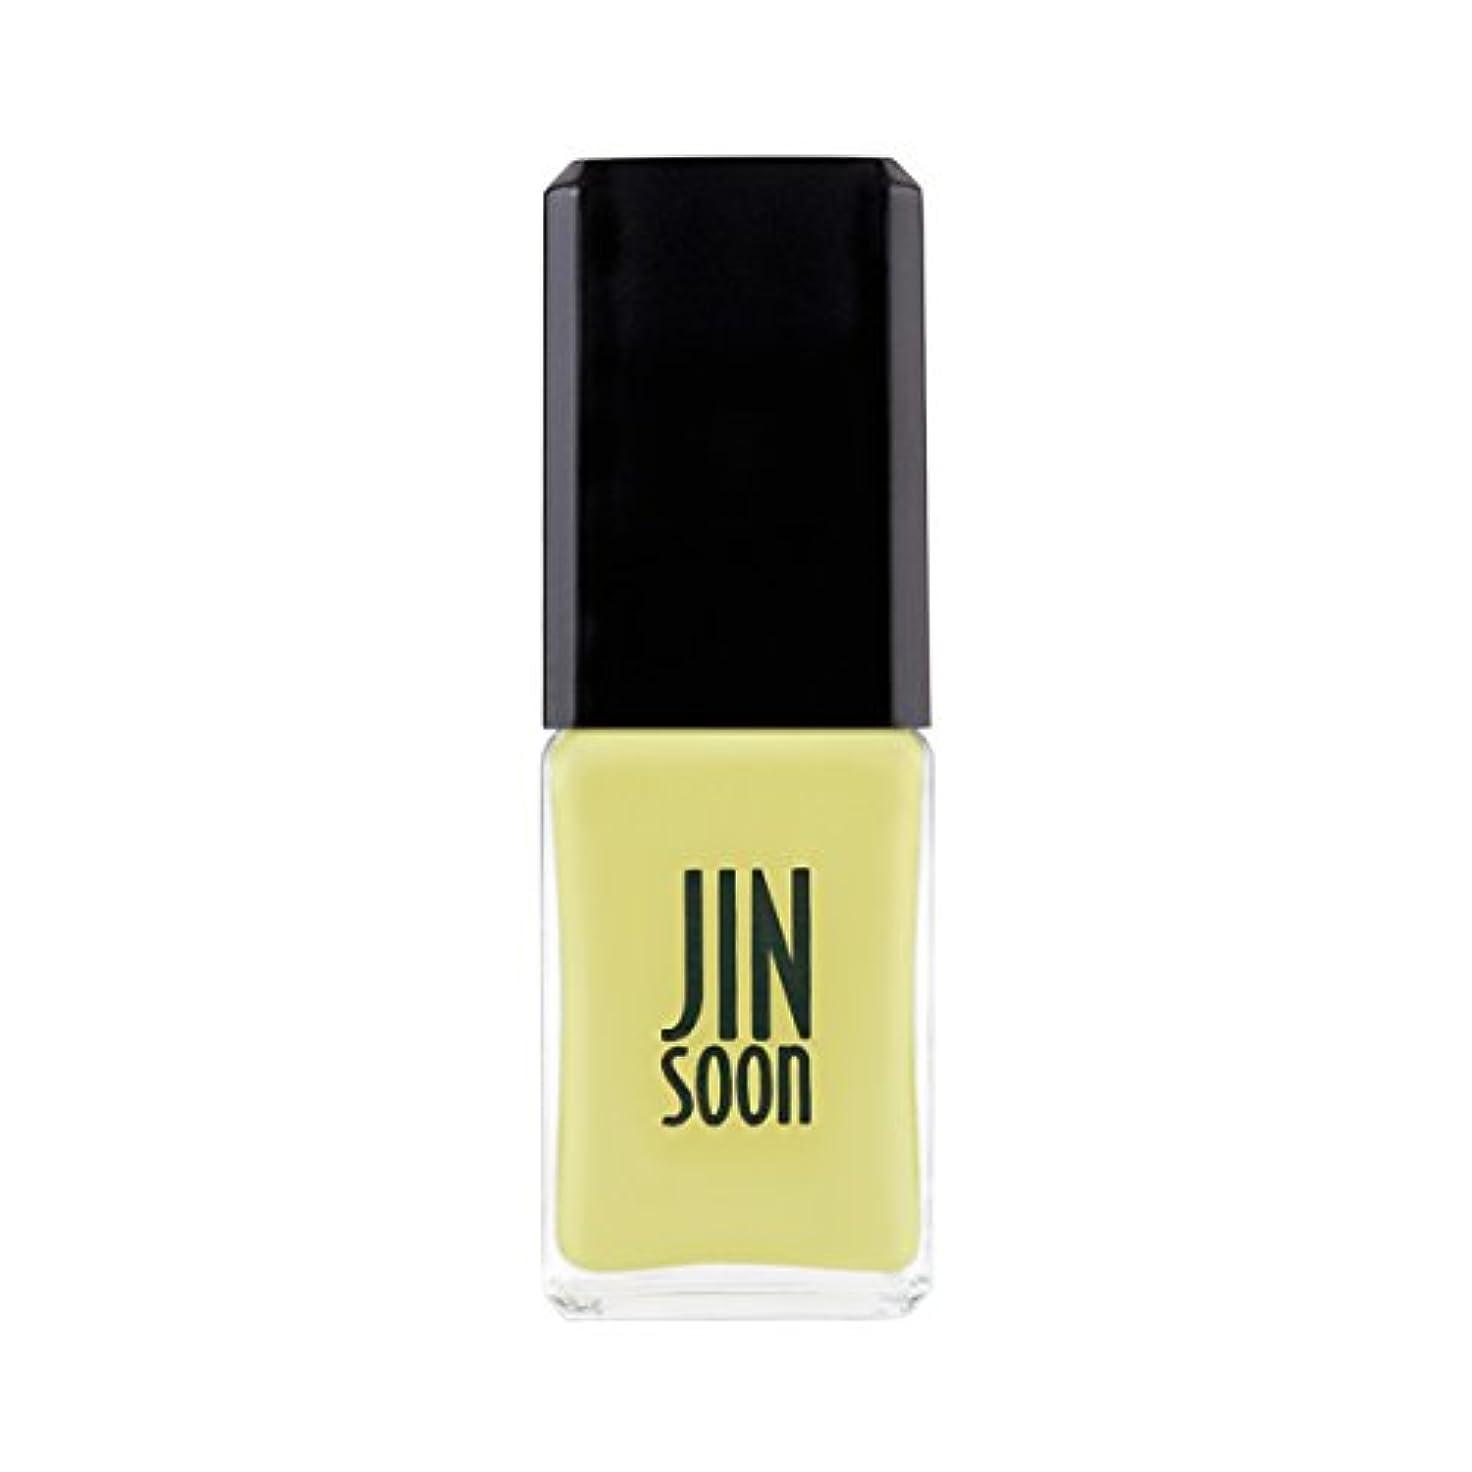 皮専門用語決定[ジンスーン] [ jinsoon] シャルム Charme ジンスーンネイルポリッシュ 爪に優しい成分 11mL